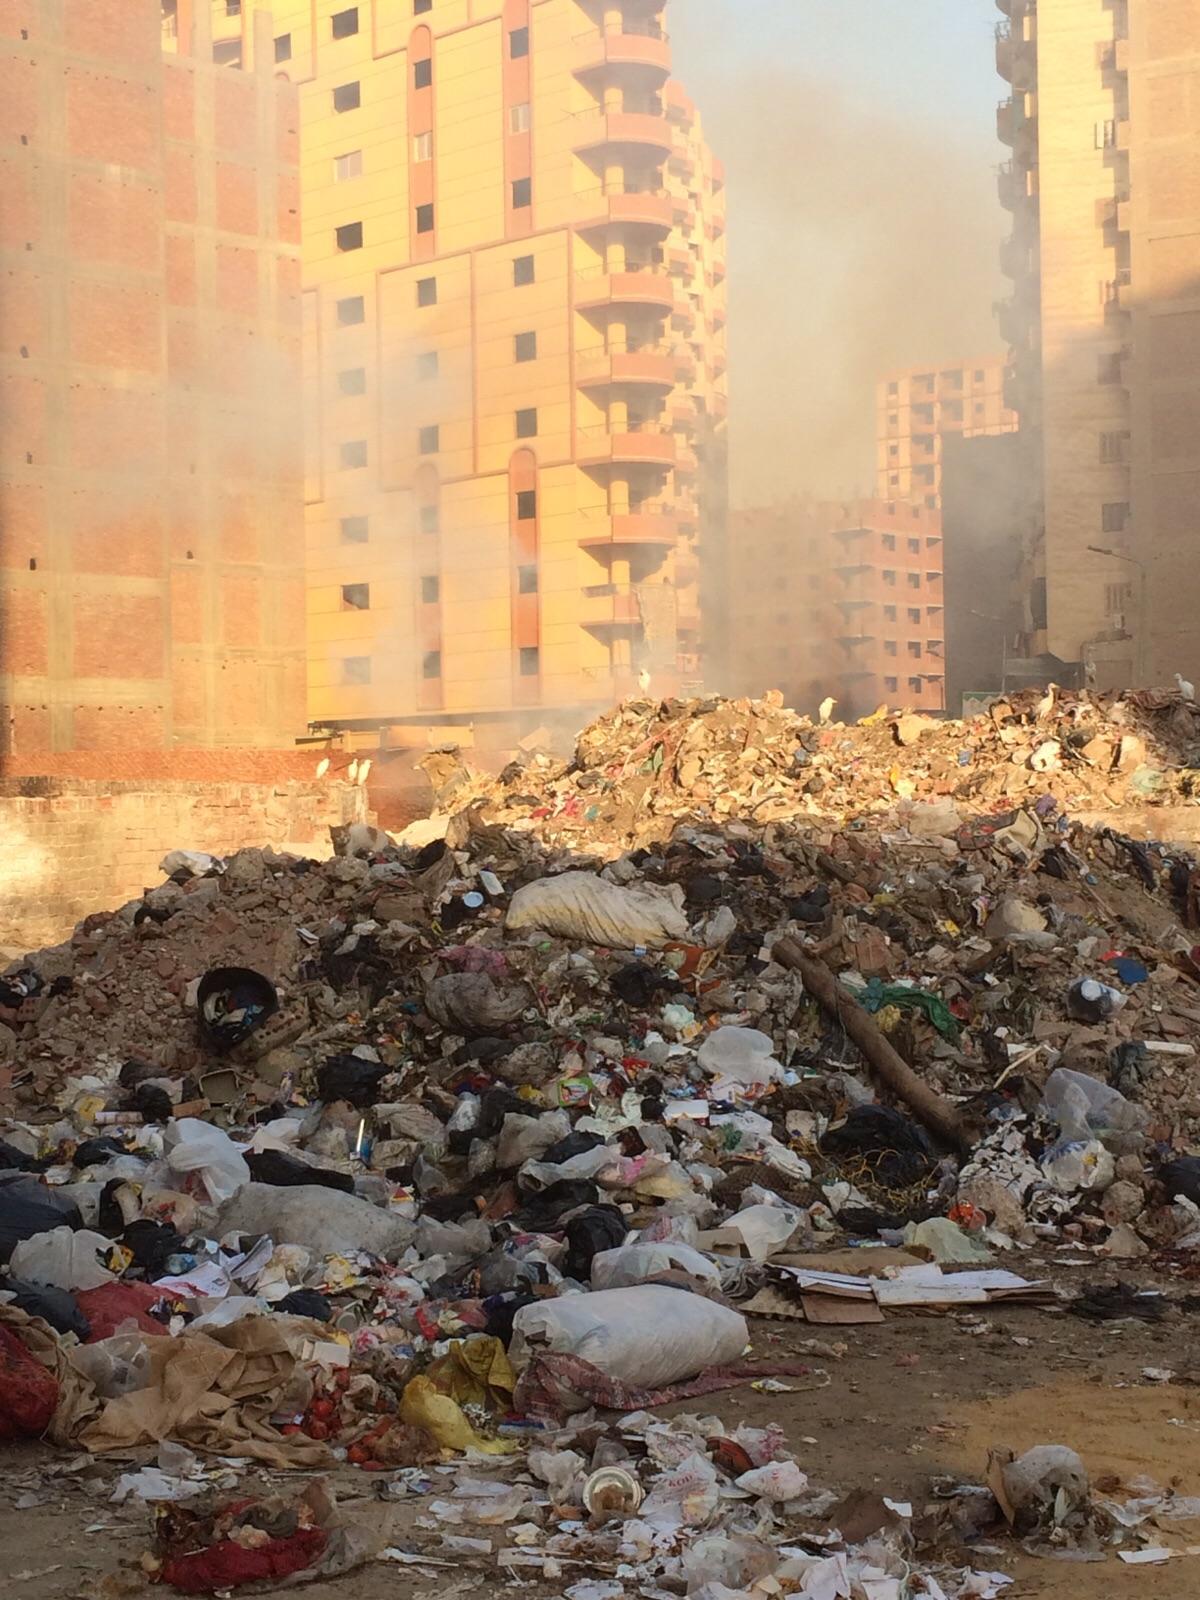 بالصور.. «أرض الجنينة» تخاصم اسمها.. وتتحول لمقلب قمامة يهدد حياة المواطنين